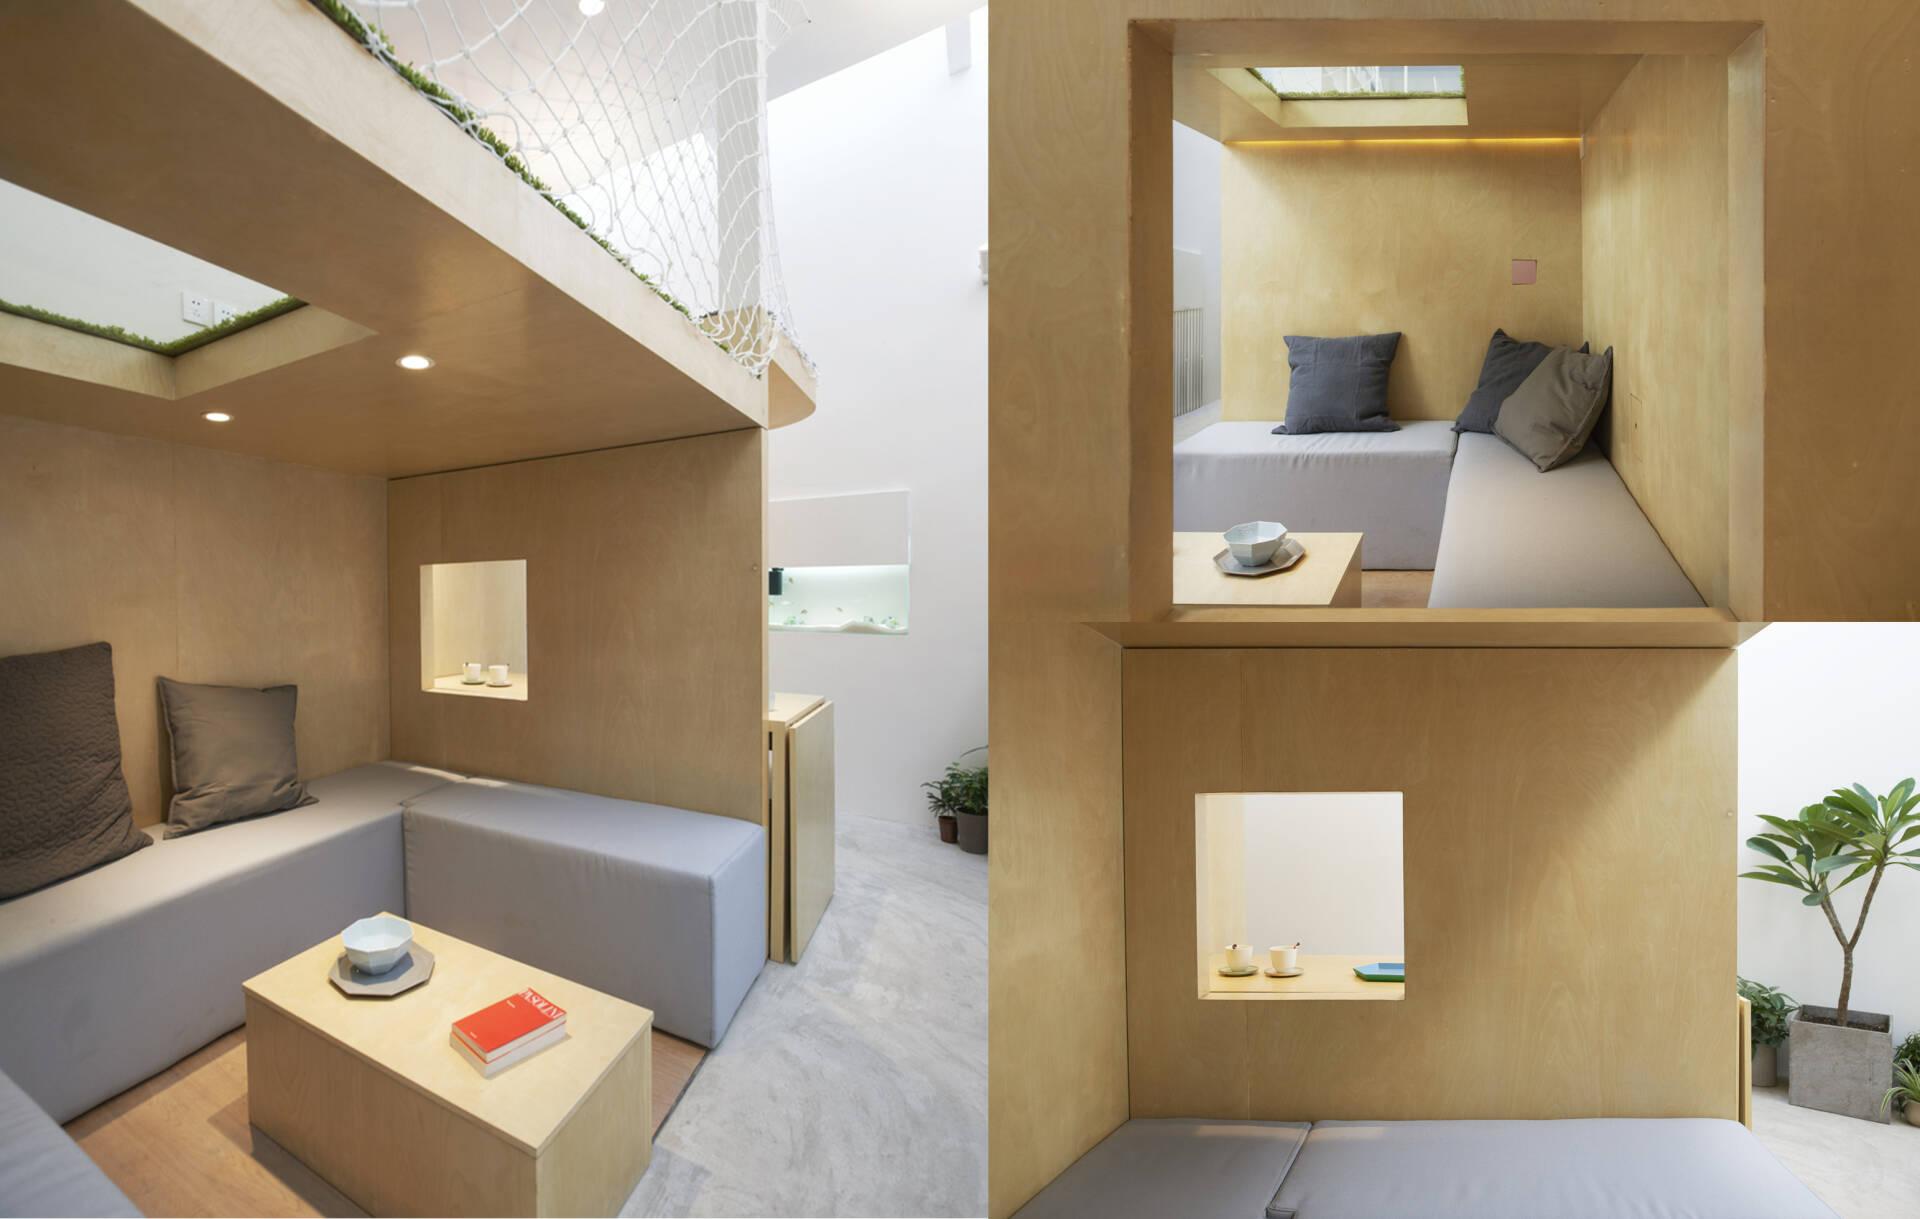 Kiến trúc hộp gỗ đóng vai trò như những khu vực chức năng riêng